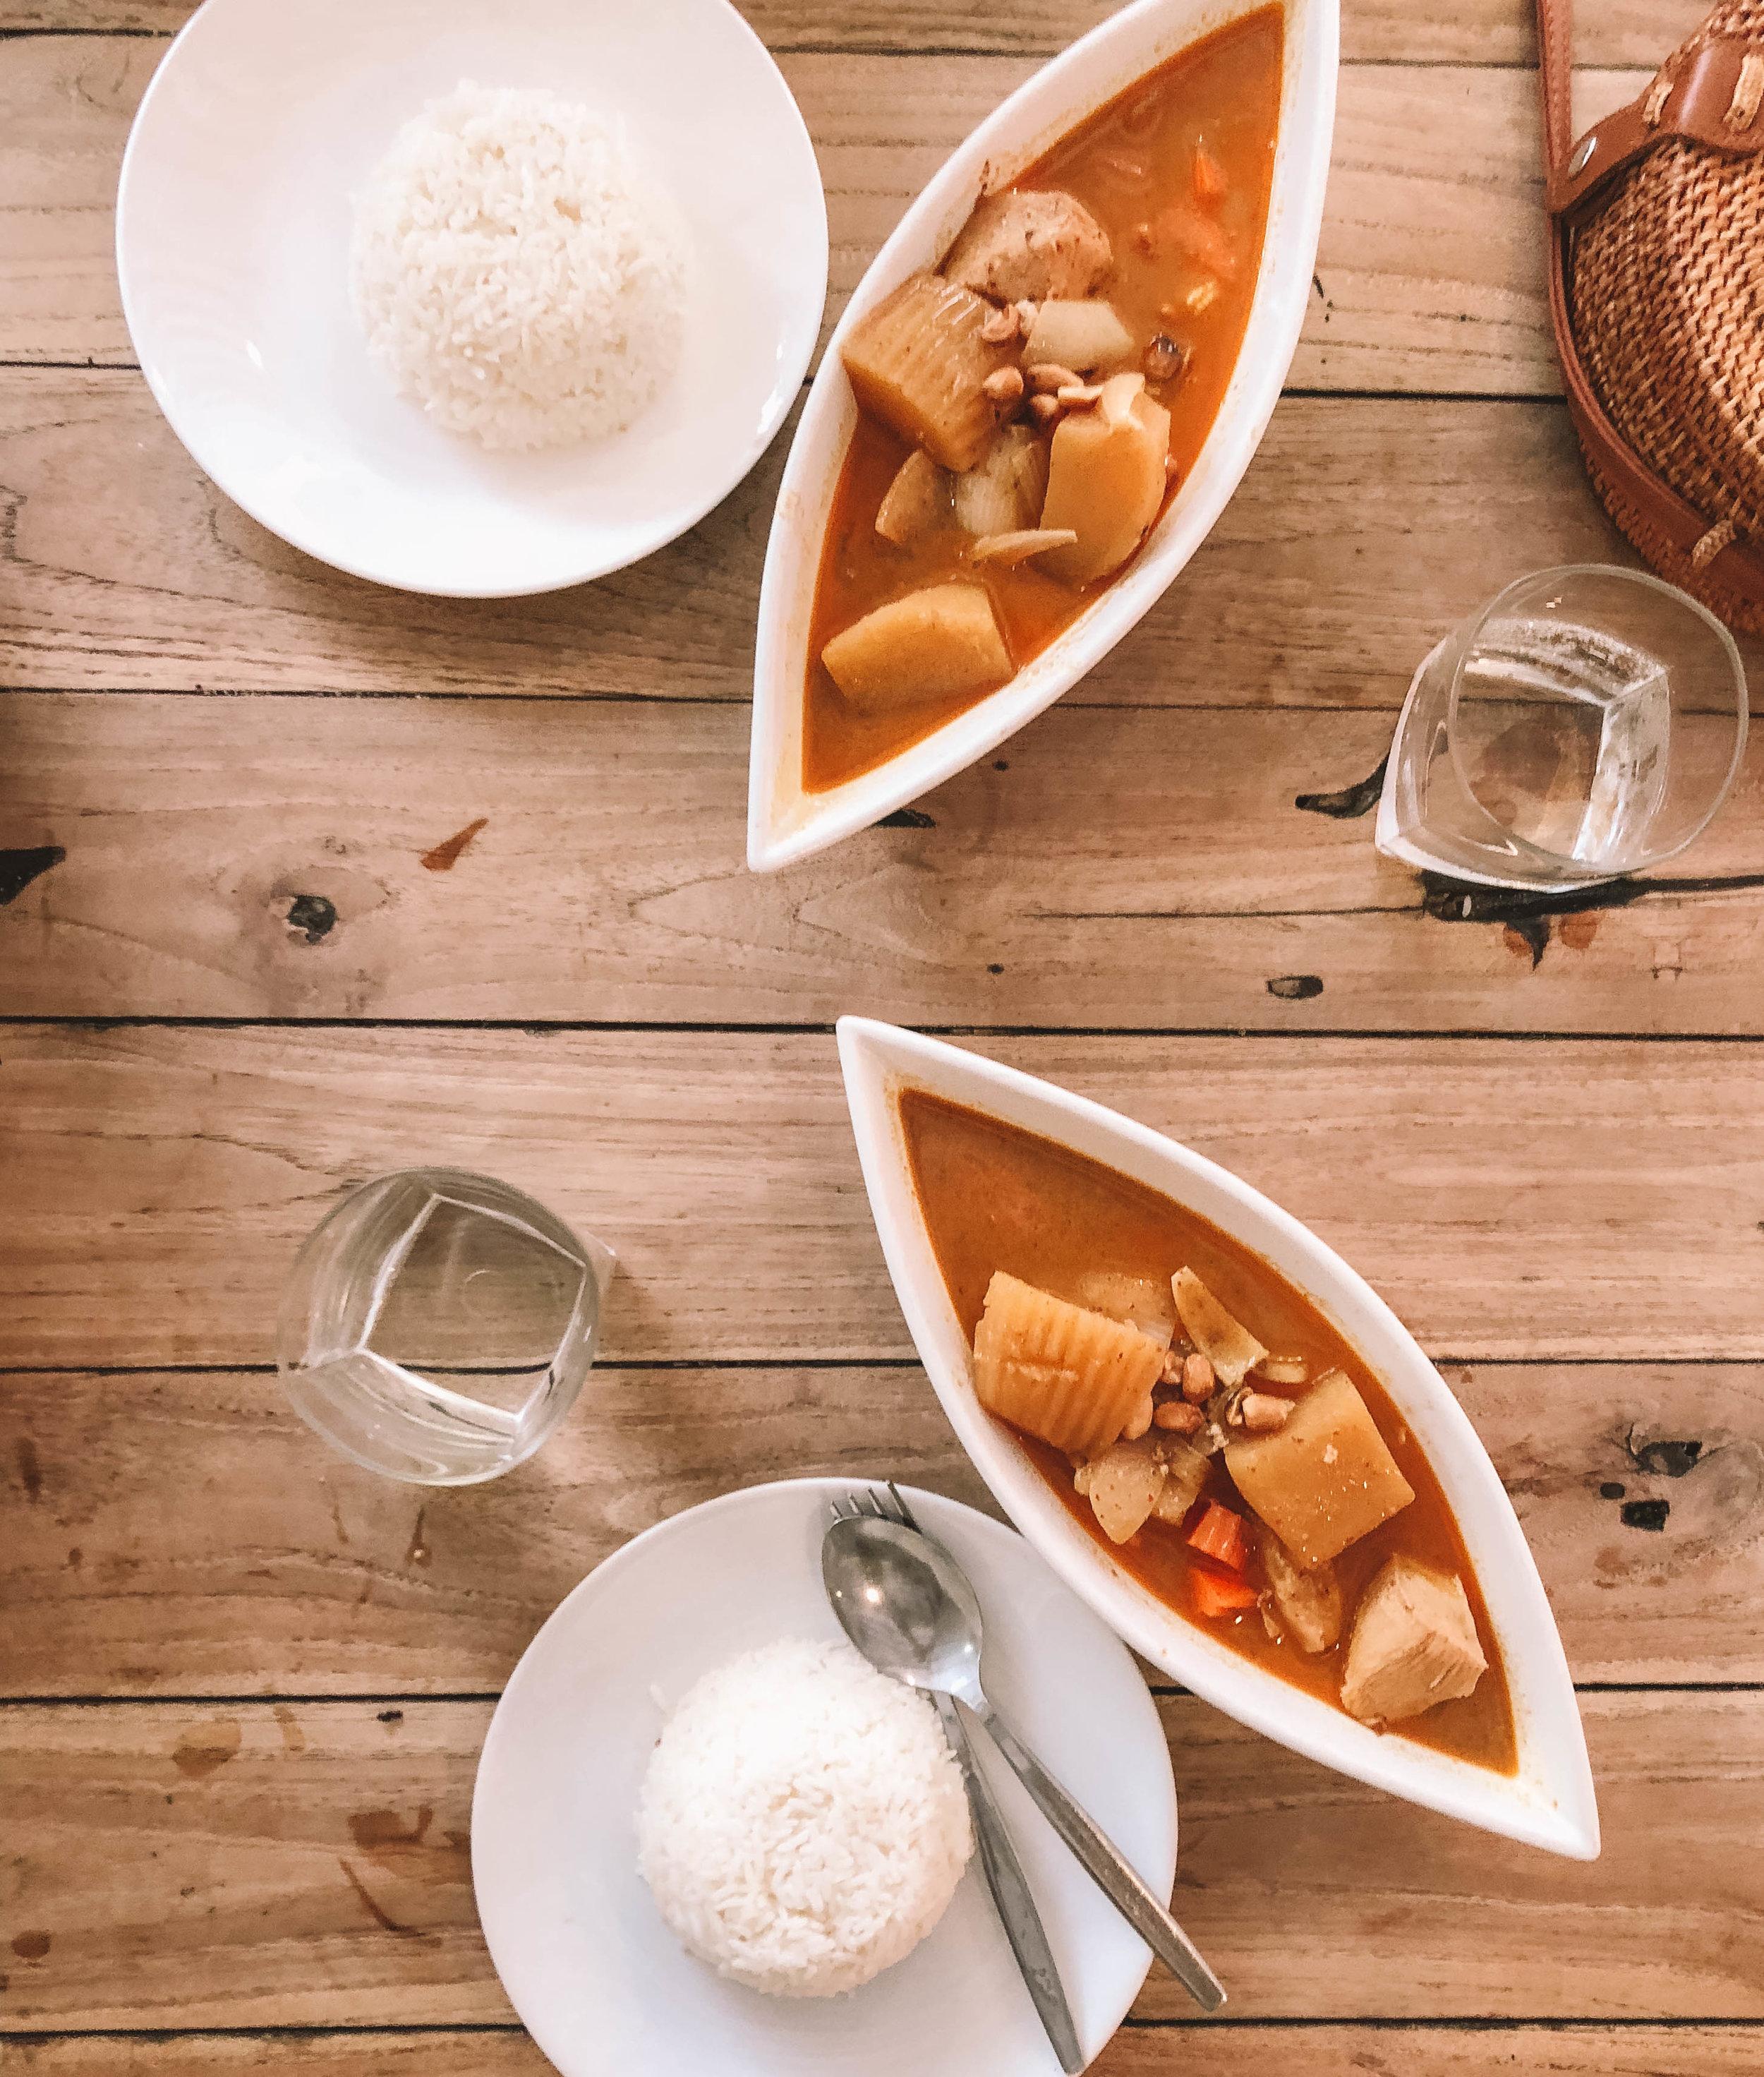 Koh_tao_food.jpg